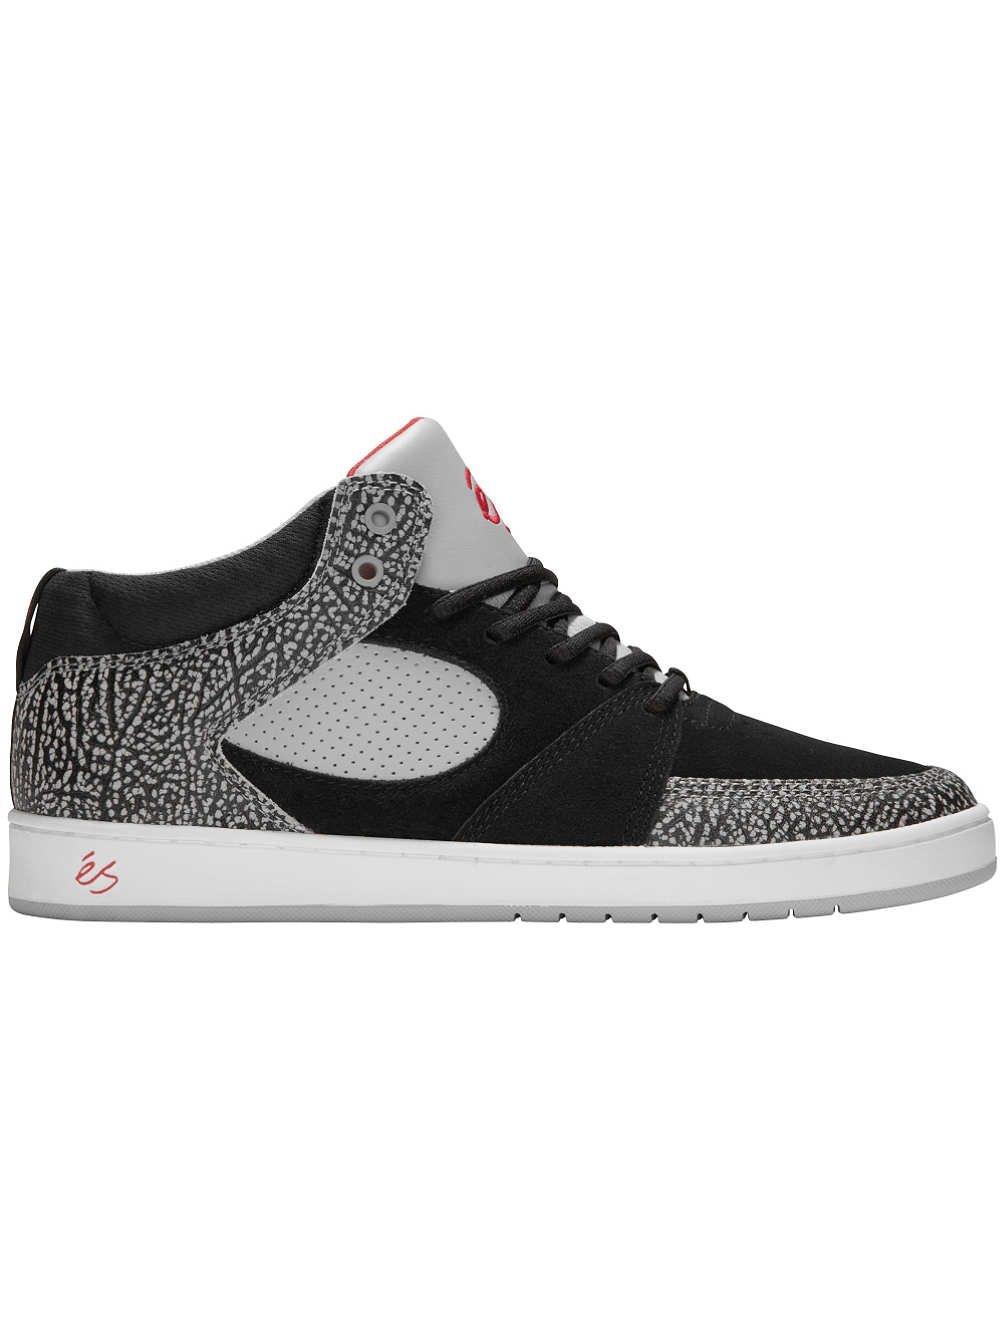 eS Accel Slim Mid Skate Shoes in Black Grey 8 D(M) US Black Grey